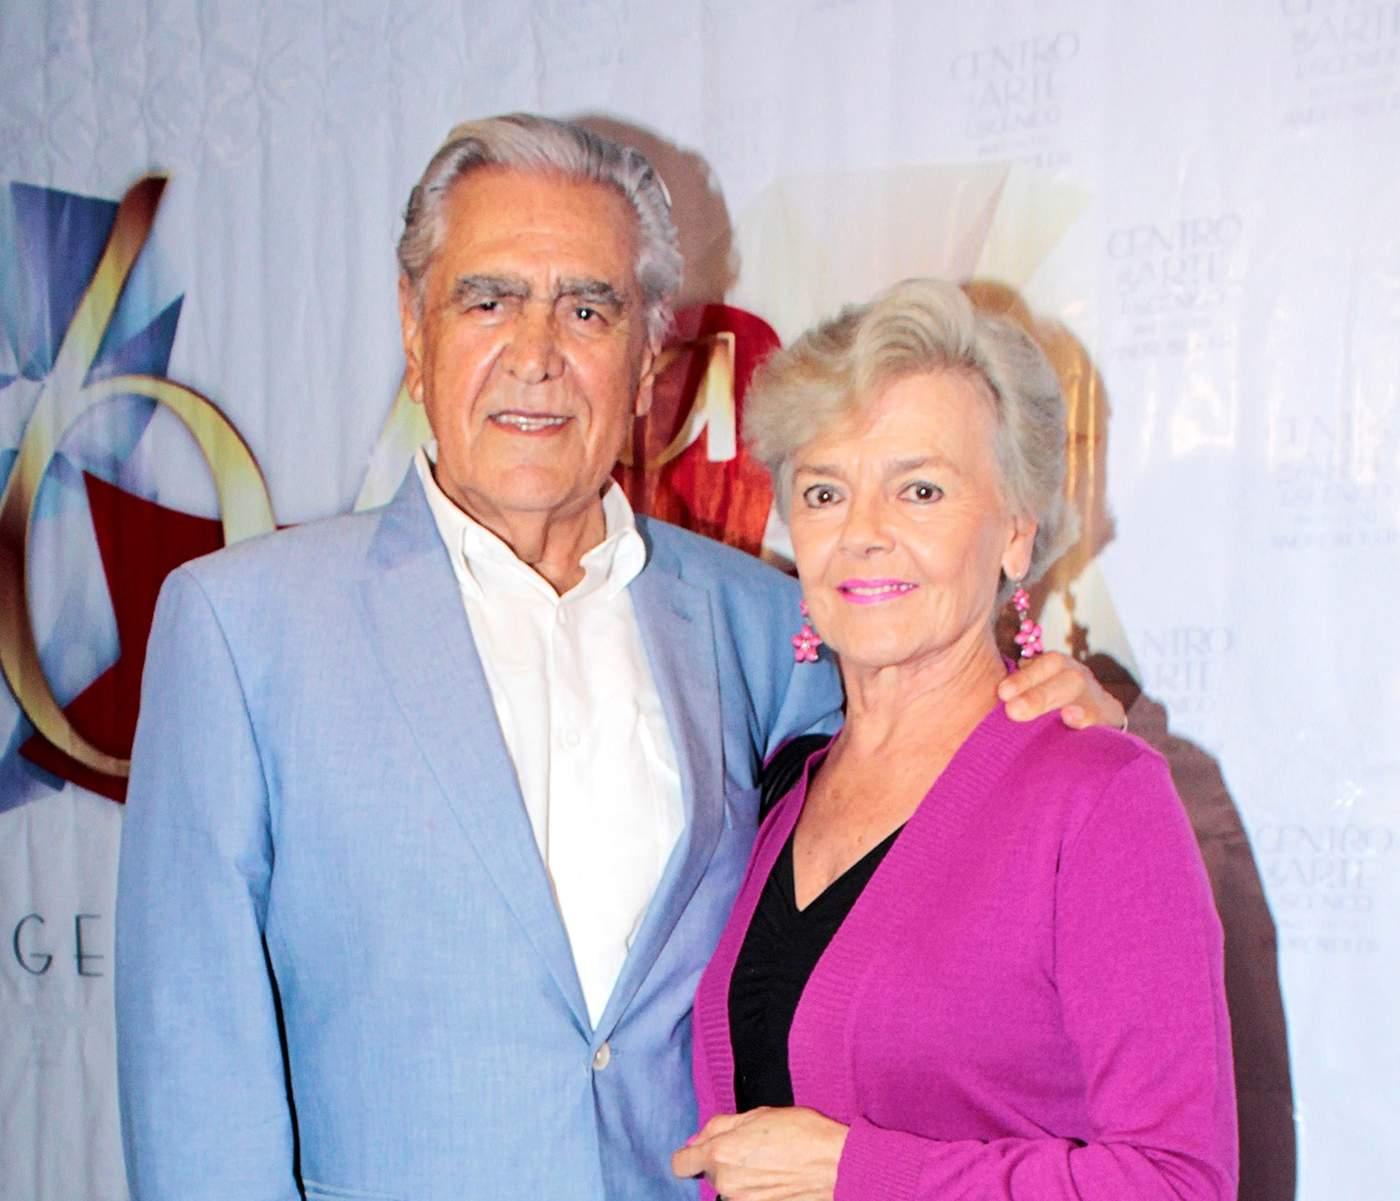 Padres De Kate Del Castillo Festejan 50 Anos De Casados